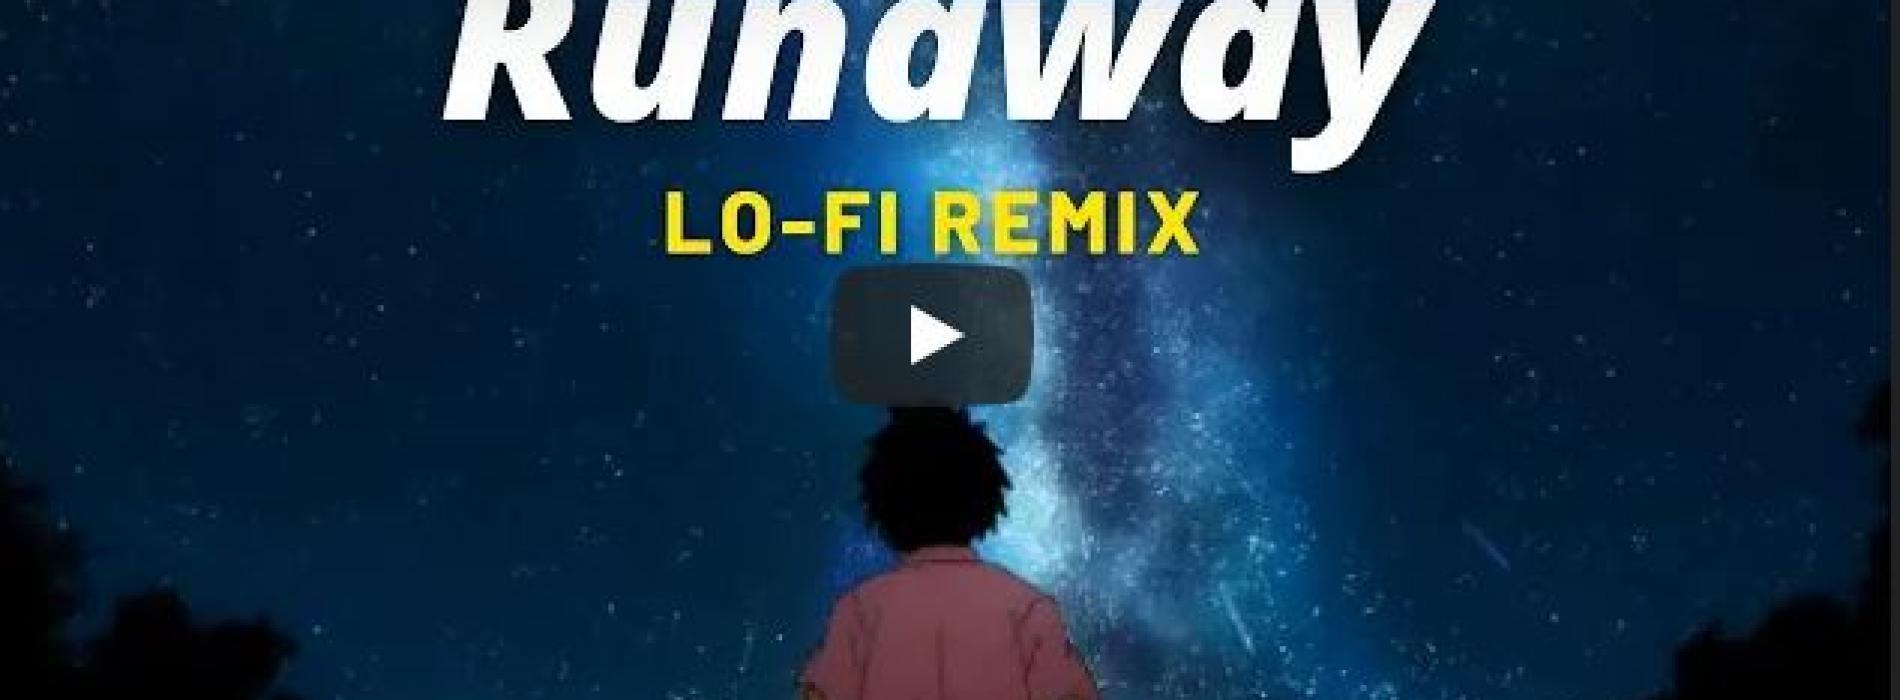 New Music : Aurora – Runaway (Lo-Fi Remix) | Andun